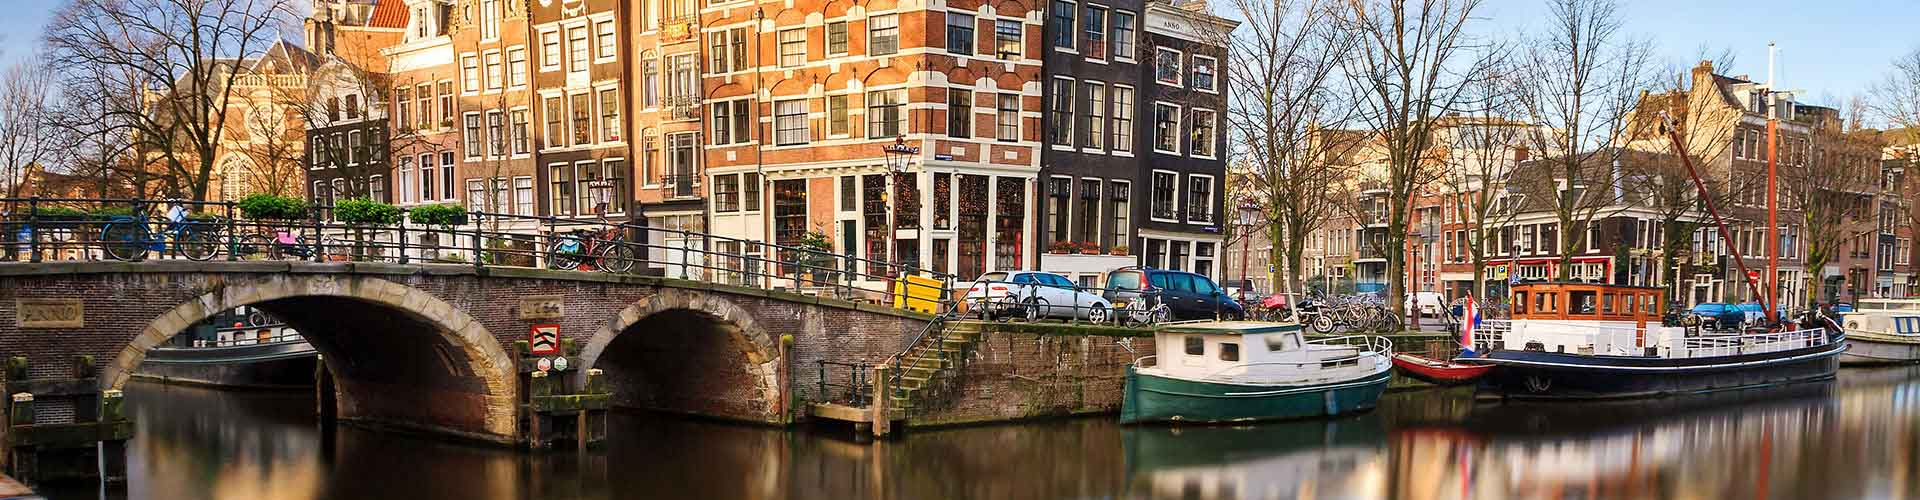 Amszterdam - Ifjúsági Szállások közel Amsterdam Bijlmer Arena pályaudvar . Amszterdam térképek, fotók és ajánlások minden egyes Ifjúsági Szállásra: Amszterdam.